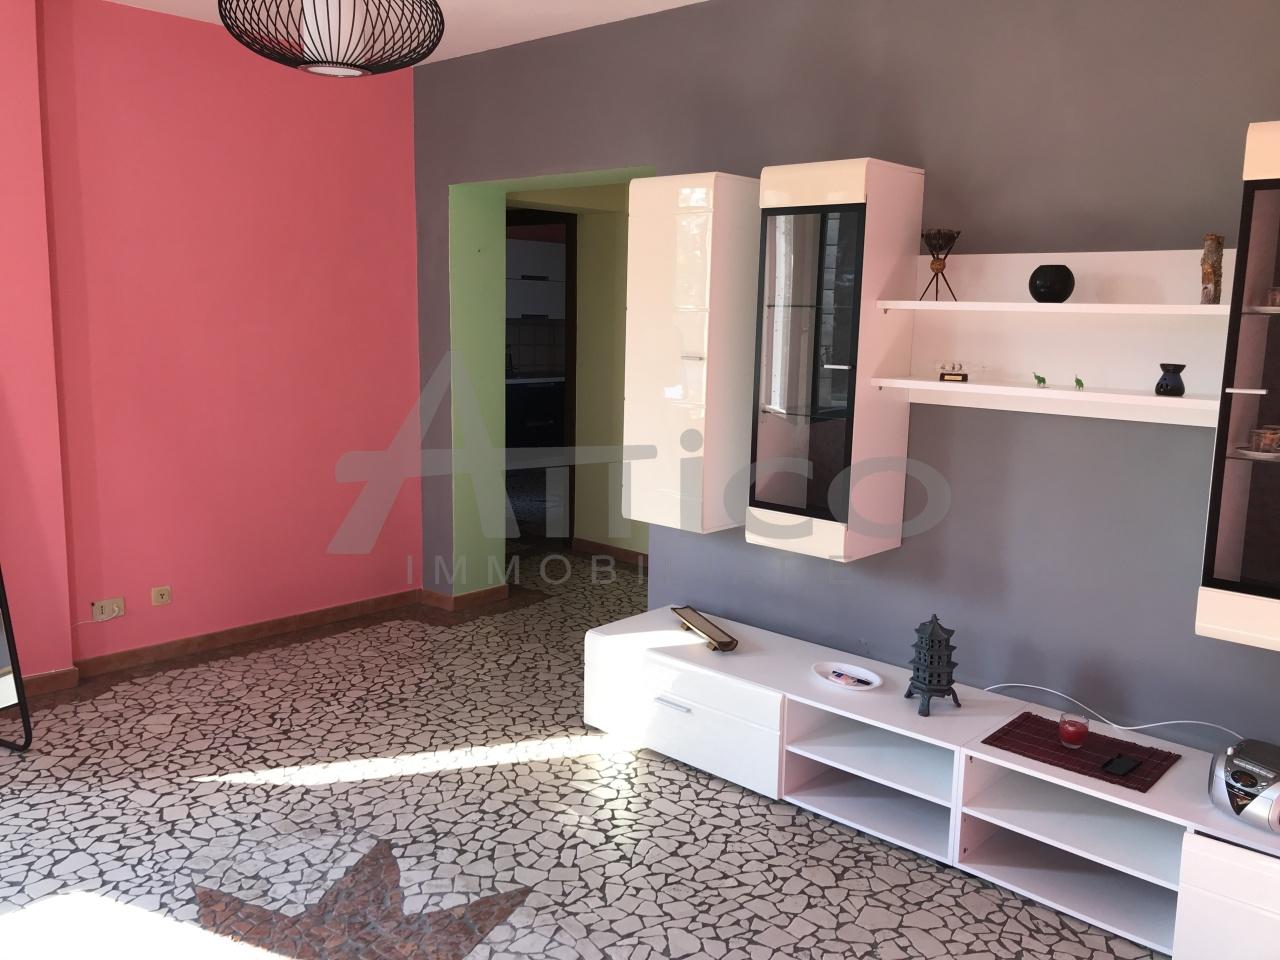 Appartamento in vendita a Villadose, 5 locali, prezzo € 45.000 | CambioCasa.it